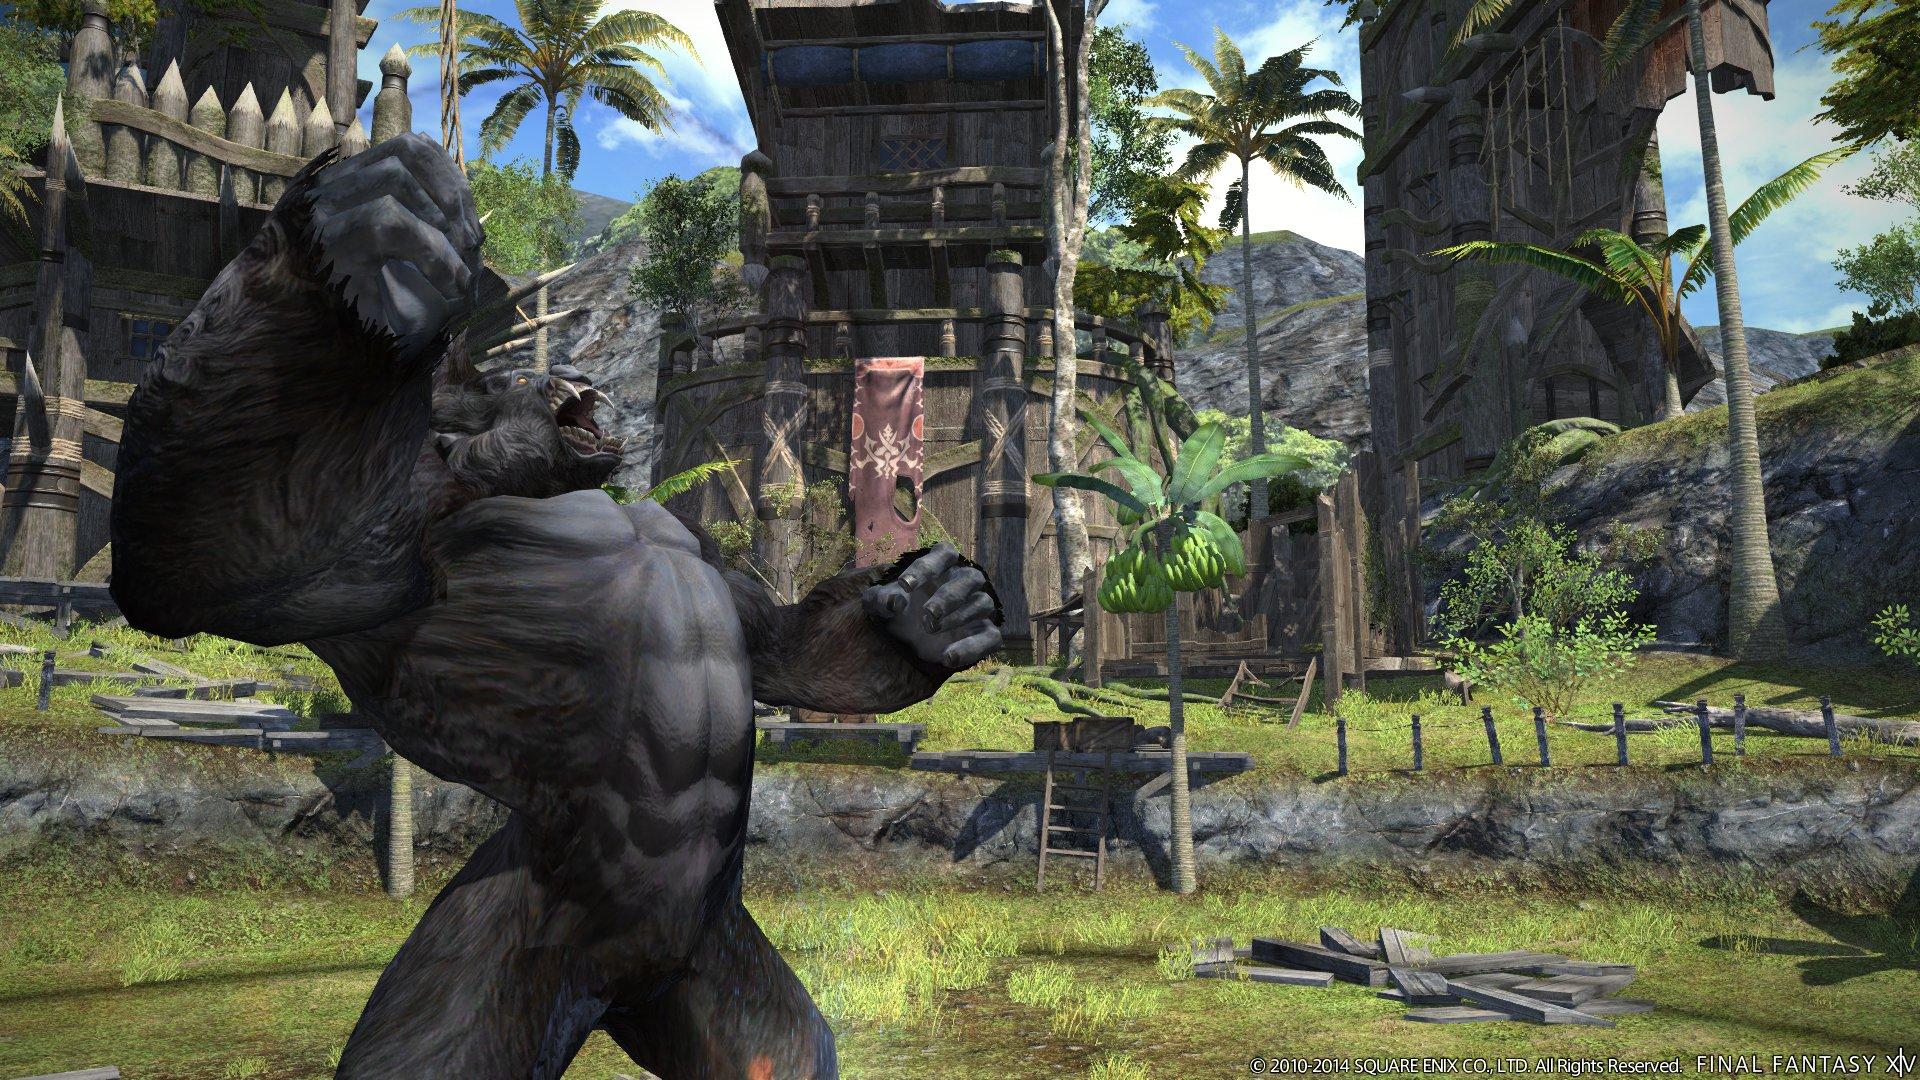 こちらはキングコングのような大きな両腕が特徴的なモンスター